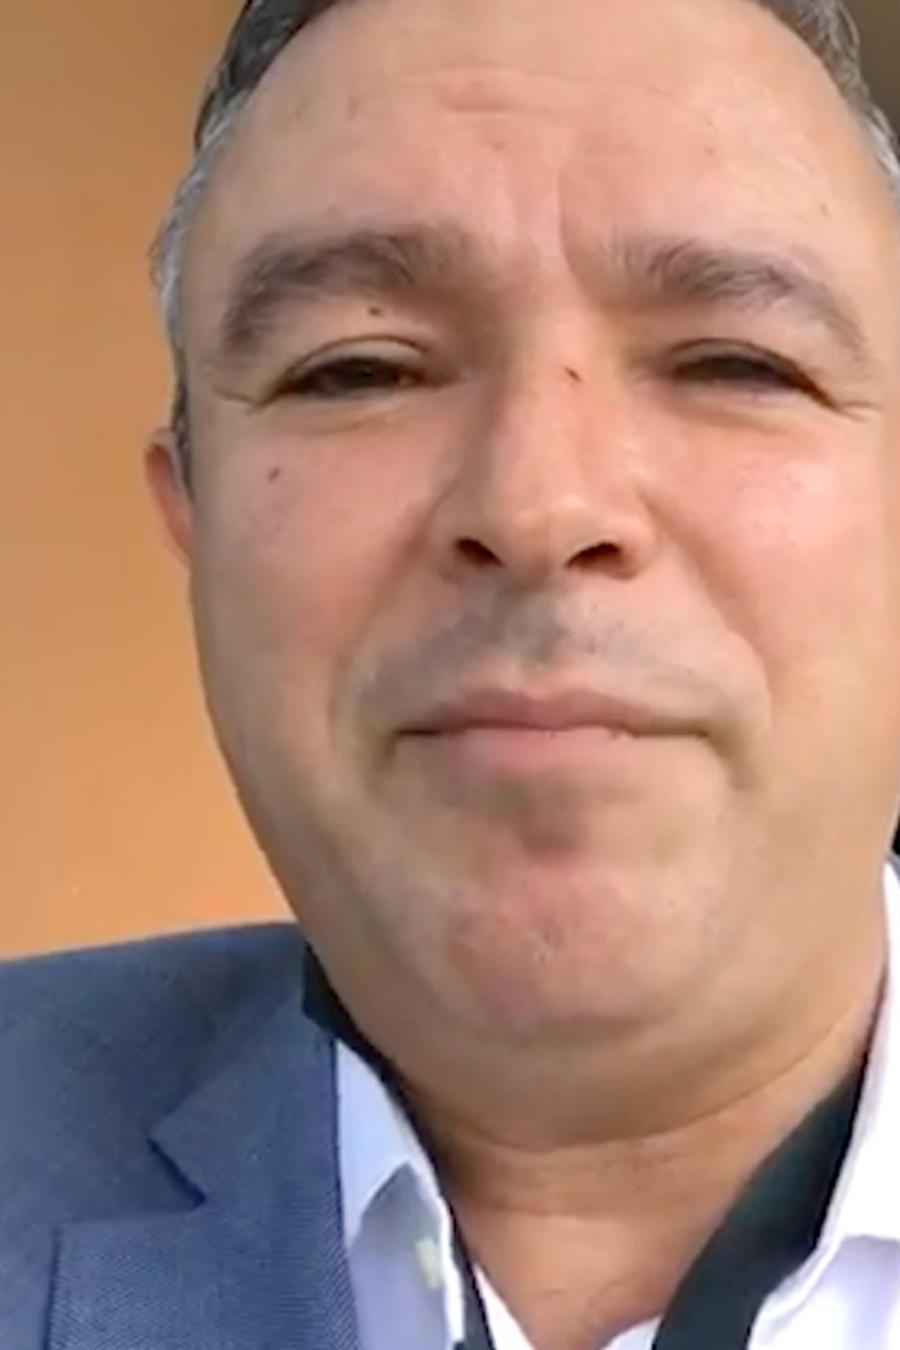 Rogelio Mora-Tagle informa sobre el envío de miles de indocumentados a Florida